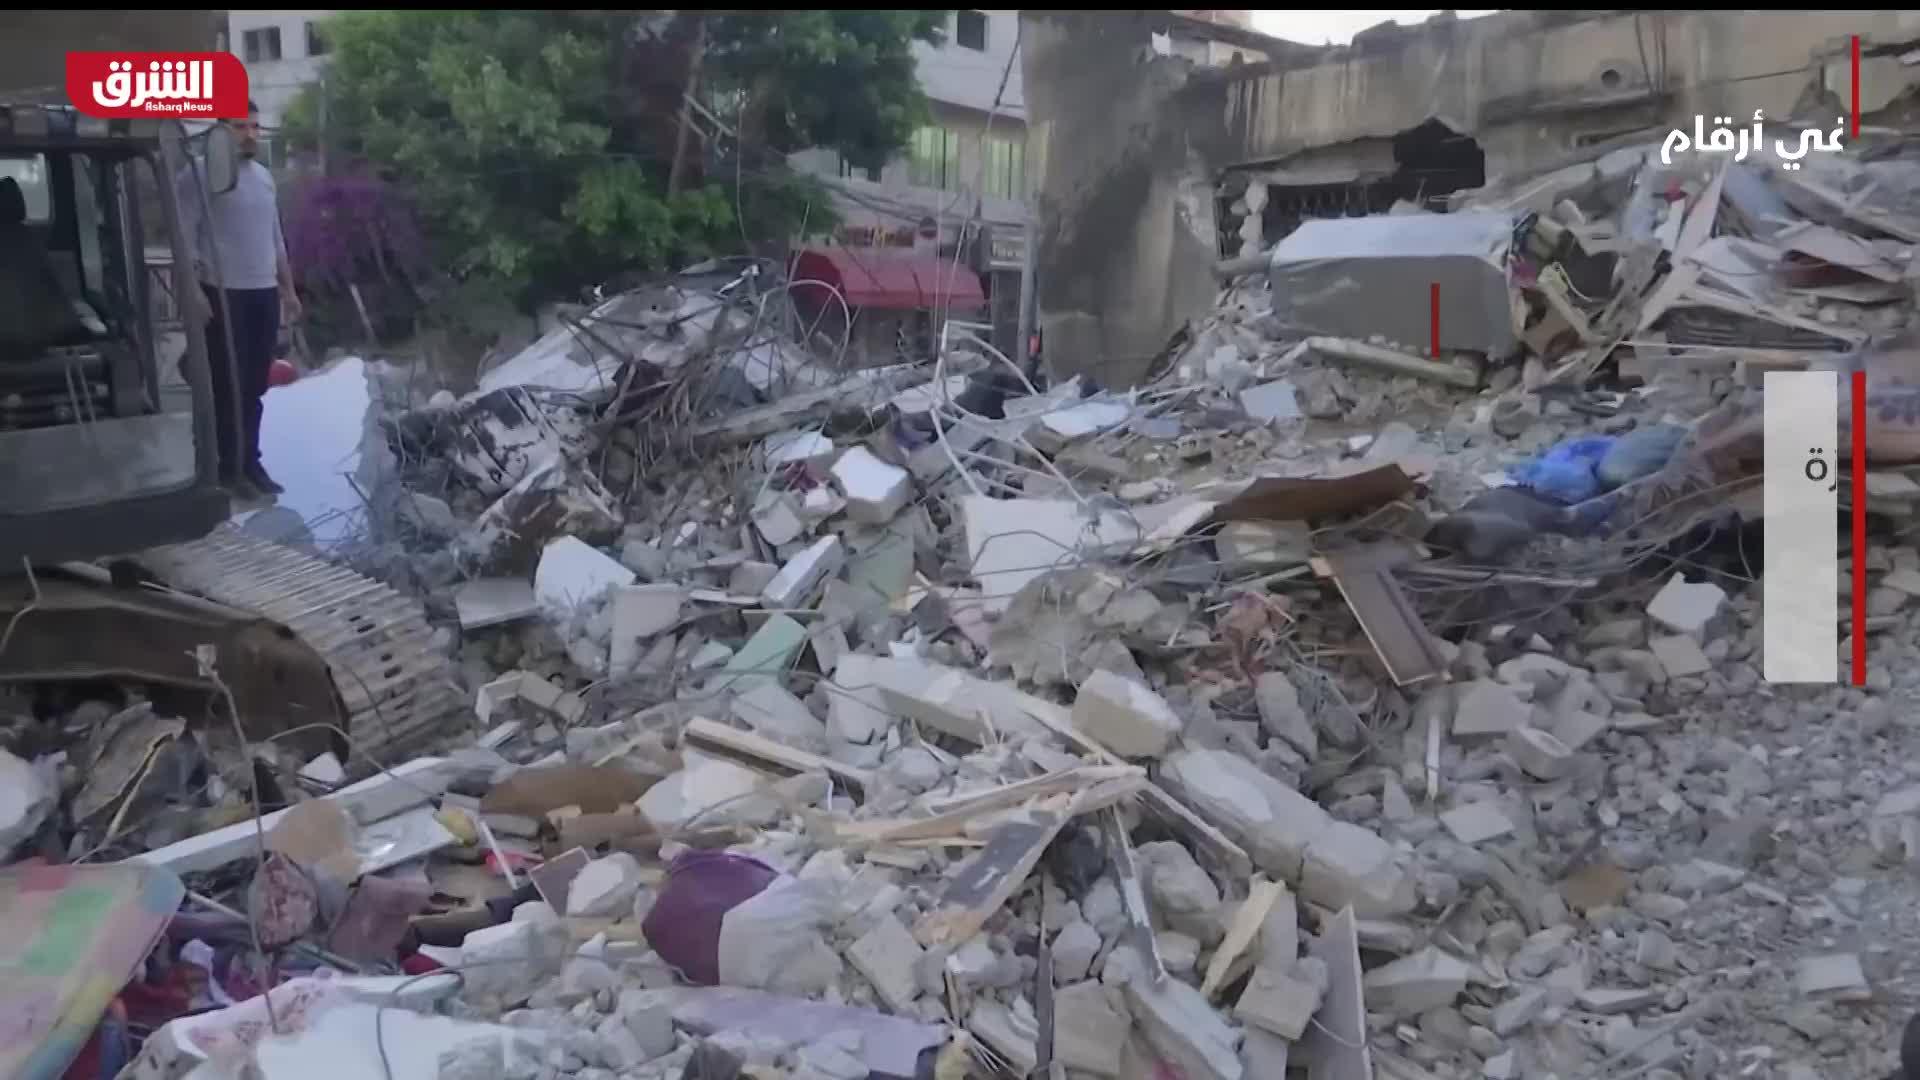 خسائر قطاع غزة الاقتصادية بسبب القصف الإسرائيلي